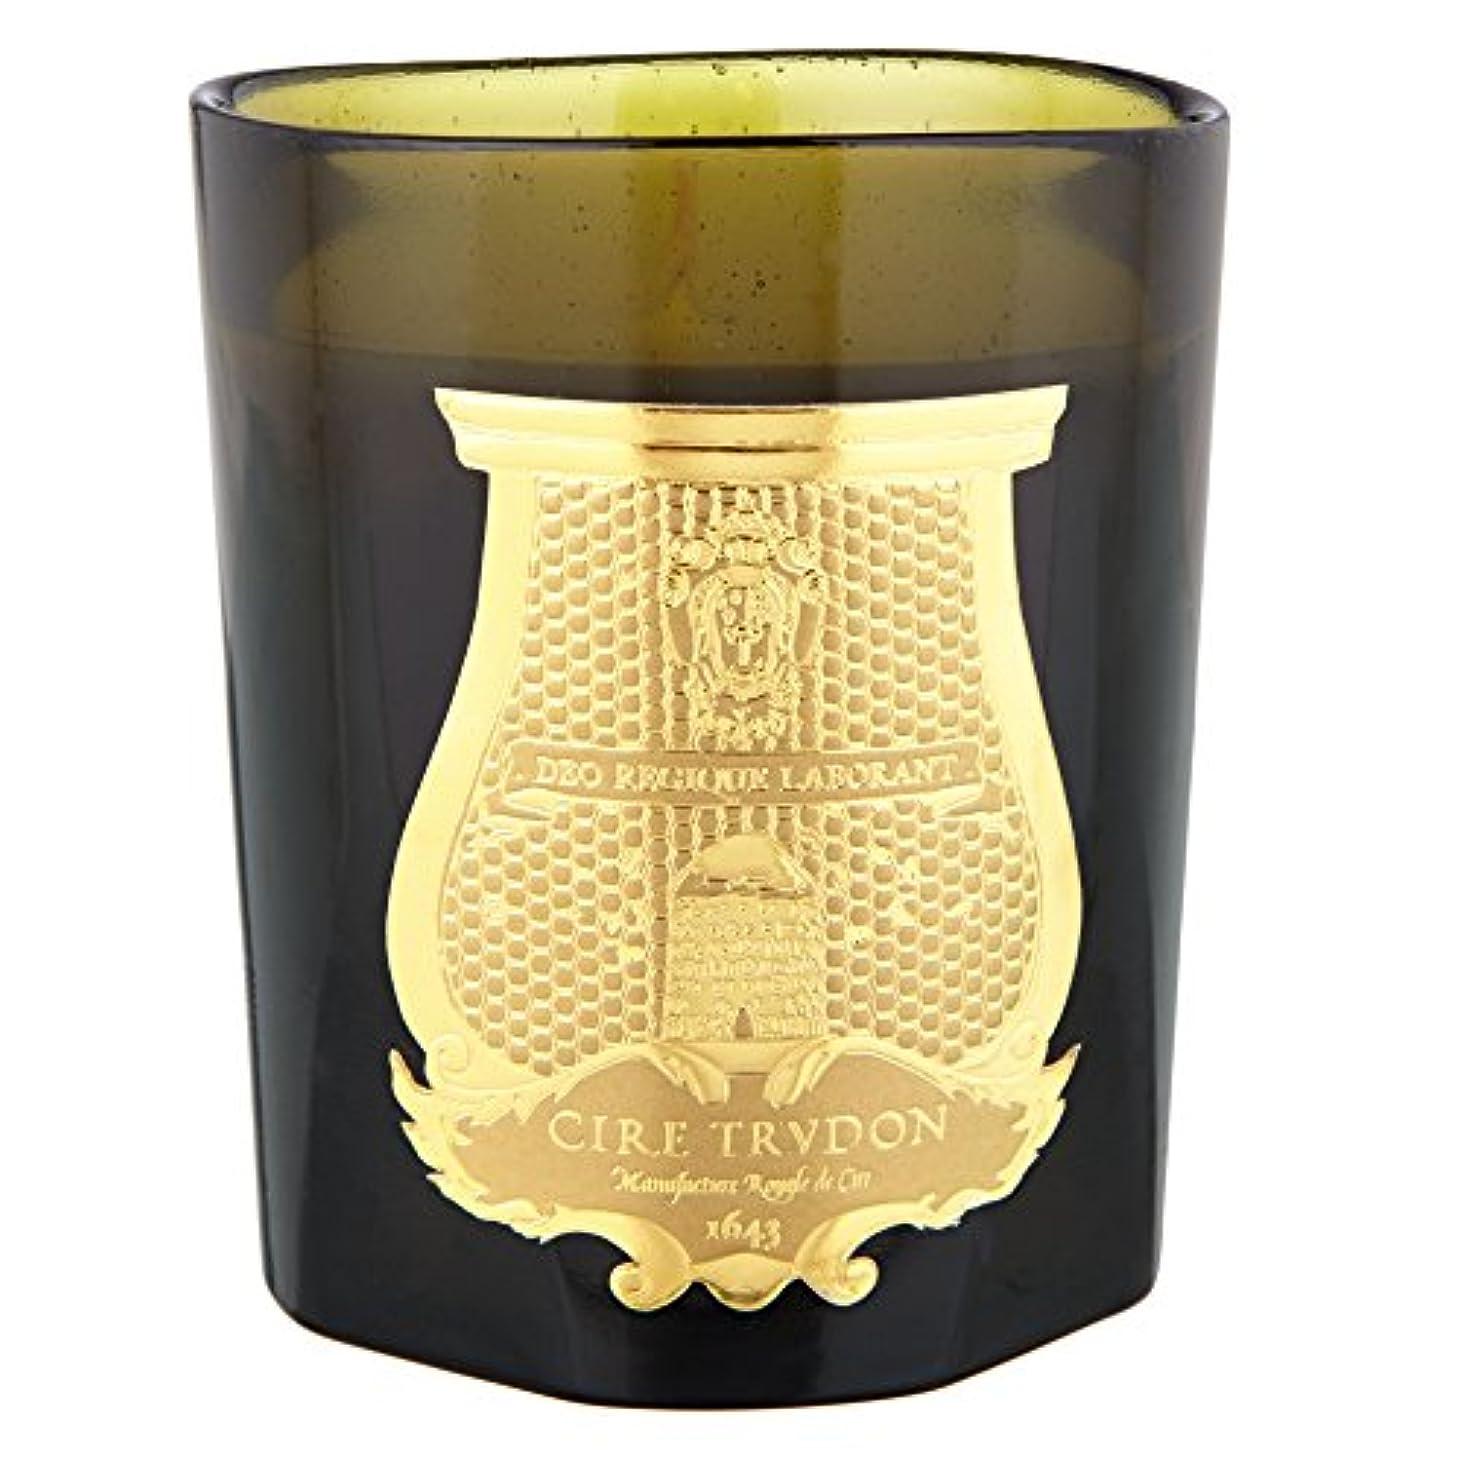 ペチコート不満数Cire Trudon Odalisque Scented Candle (Pack of 2) - Cire Trudonオダリスク香りのキャンドル (Cire Trudon) (x2) [並行輸入品]